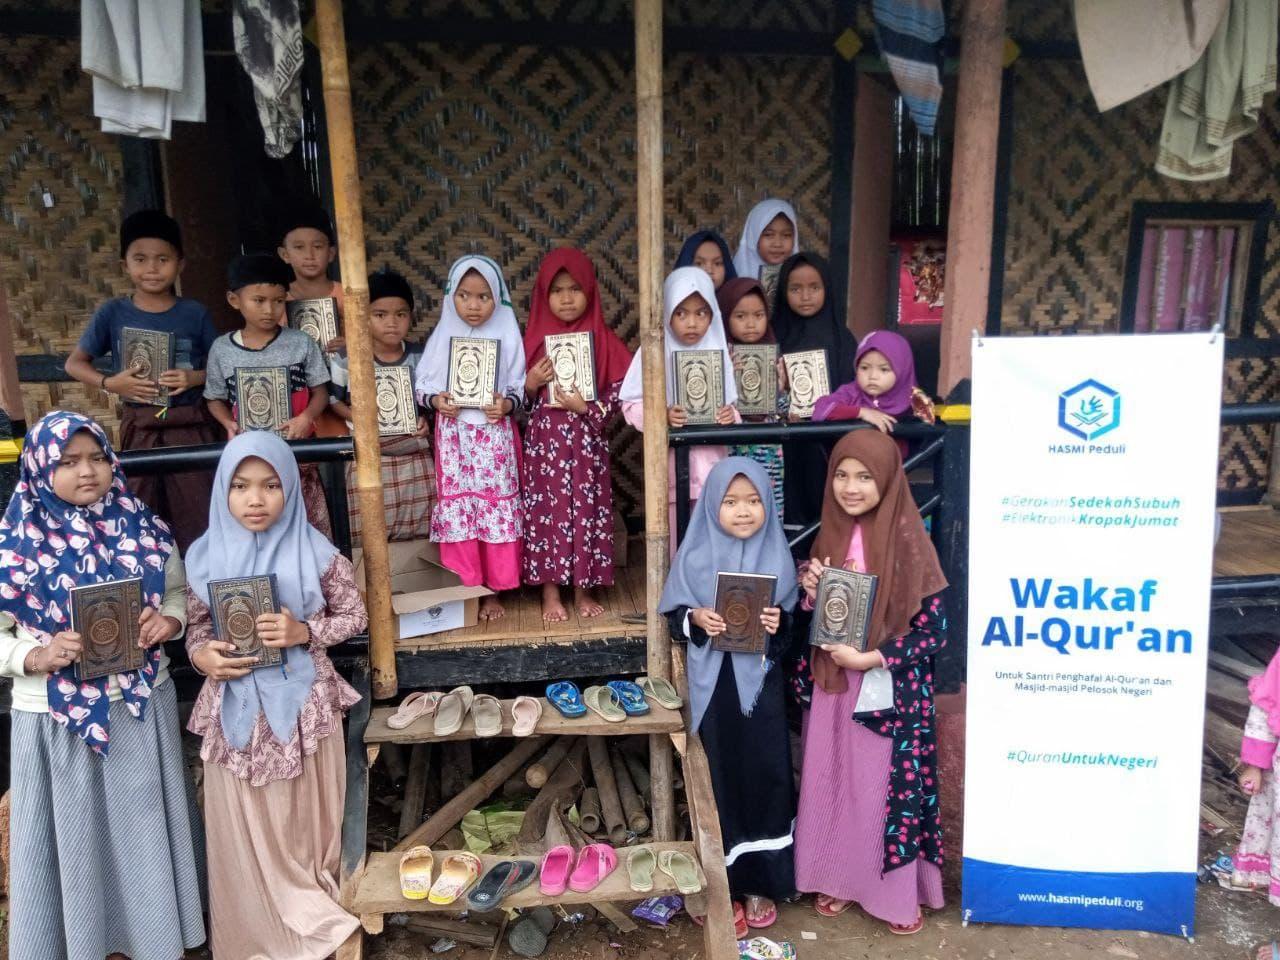 Wakaf Al-Quran untuk Ponpes Nurul Furqon Kab. Bogor